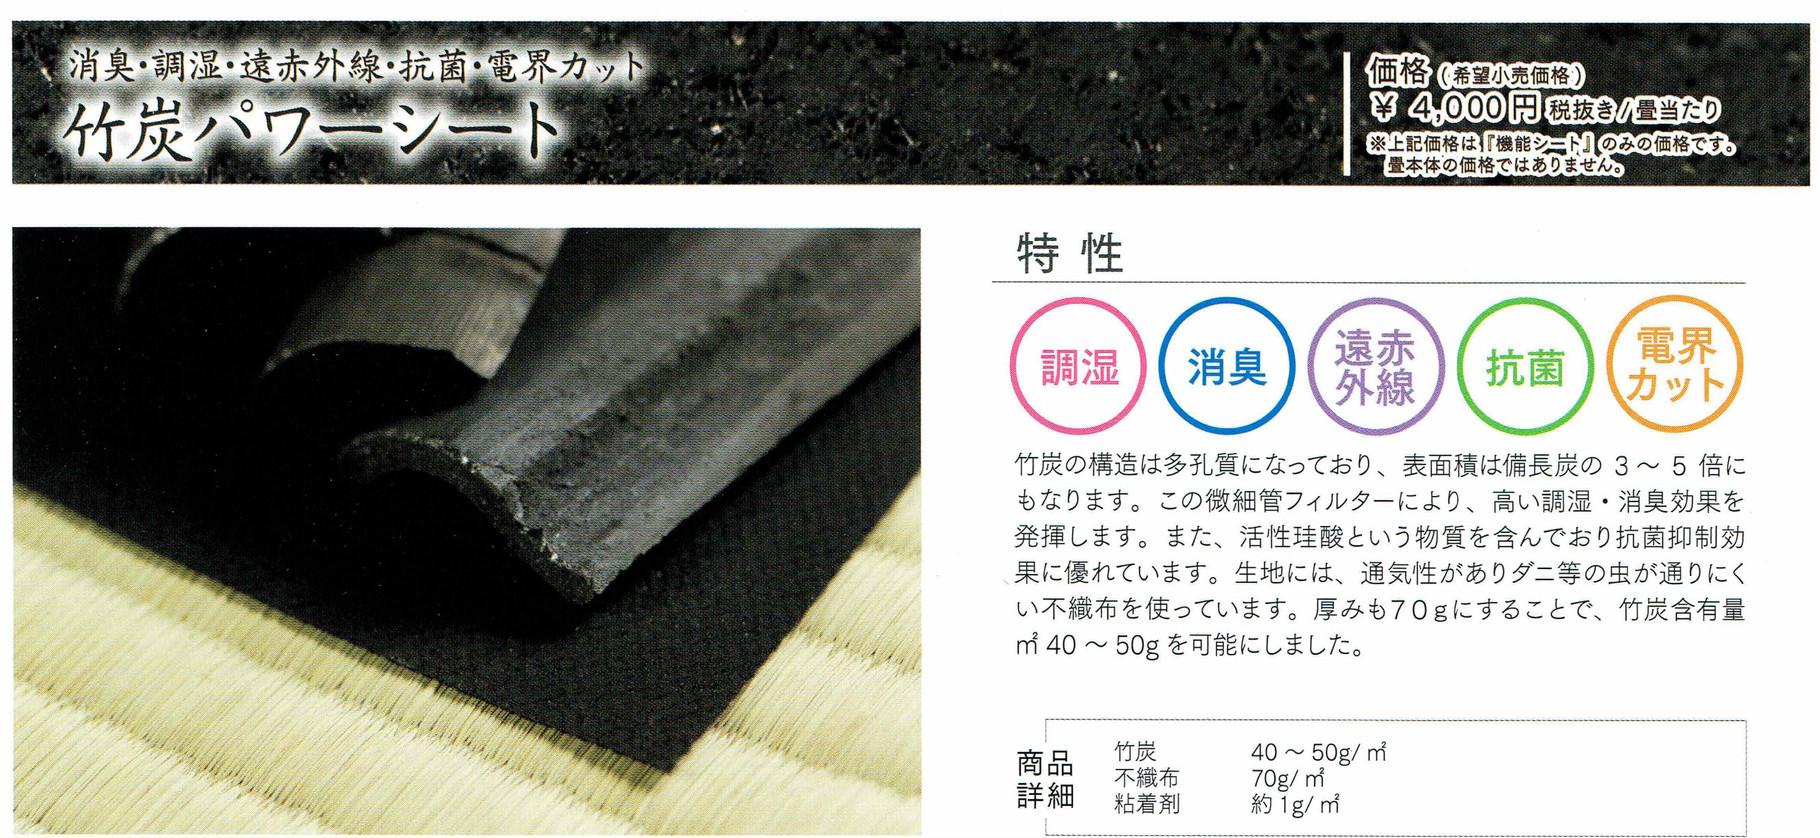 竹炭パワーシートのパンフレットによる効果説明